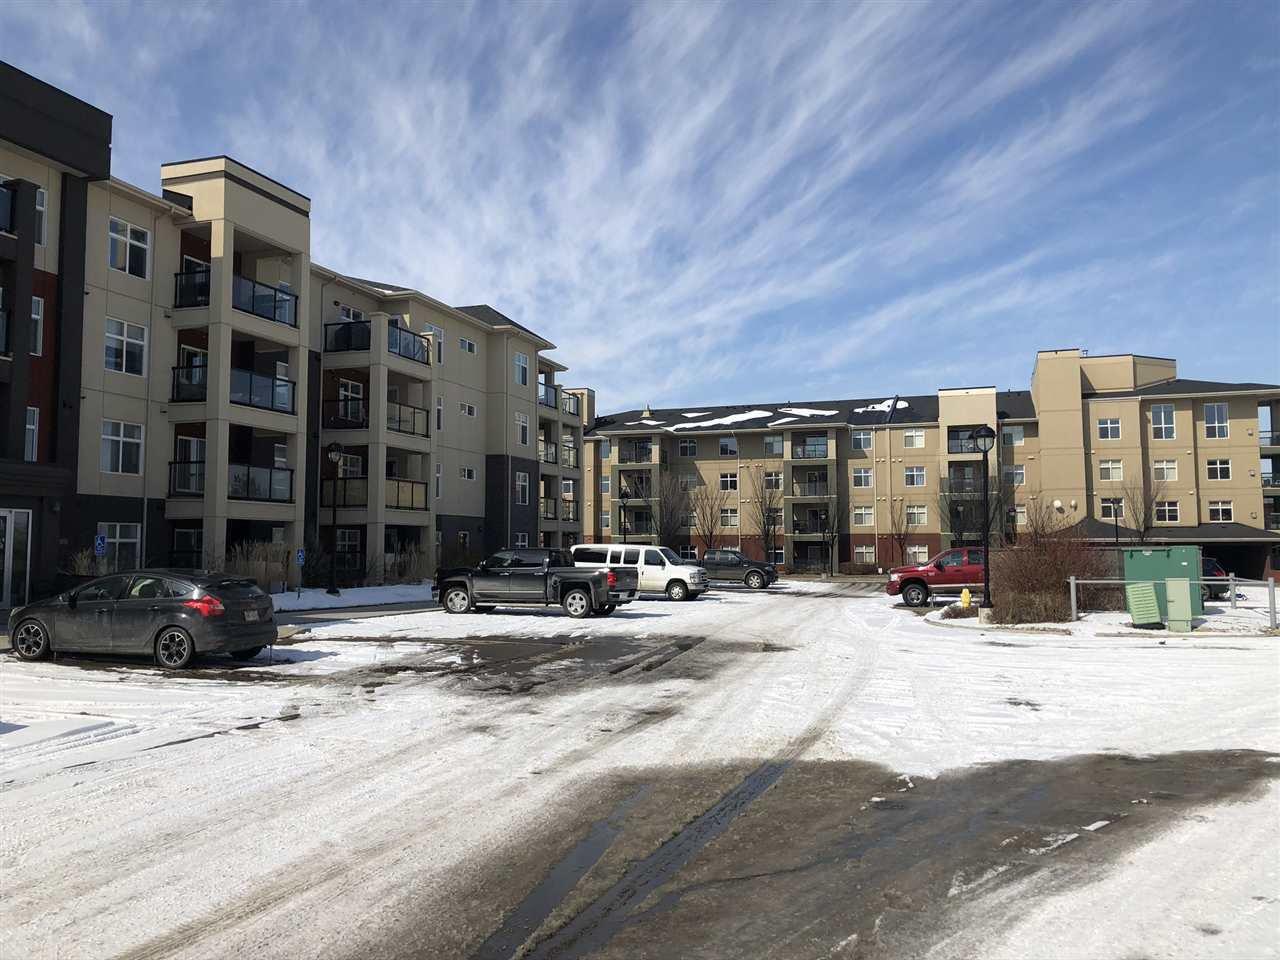 Main Photo: 349 7805 71 Street in Edmonton: Zone 17 Condo for sale : MLS®# E4193875